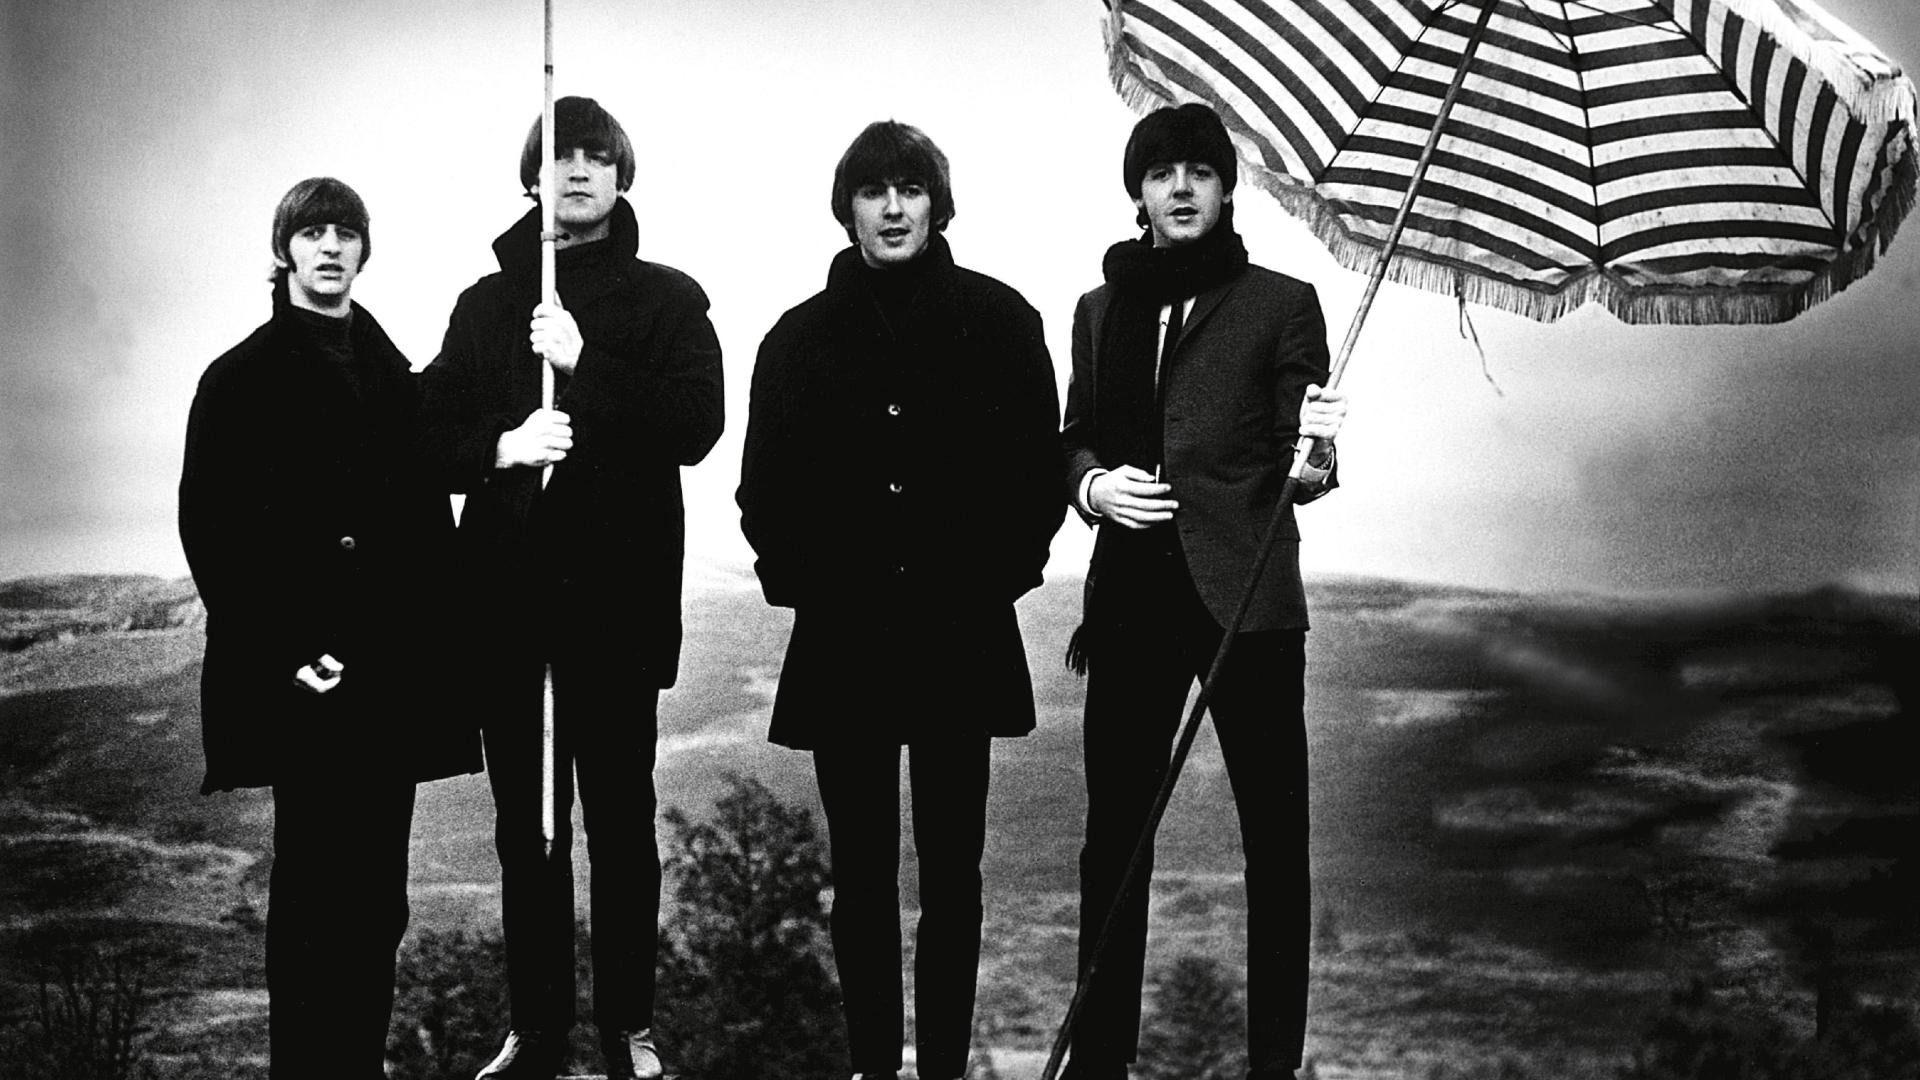 Fondos de pantalla de The Beatles   Wallpapers de The Beatles   Fondos .